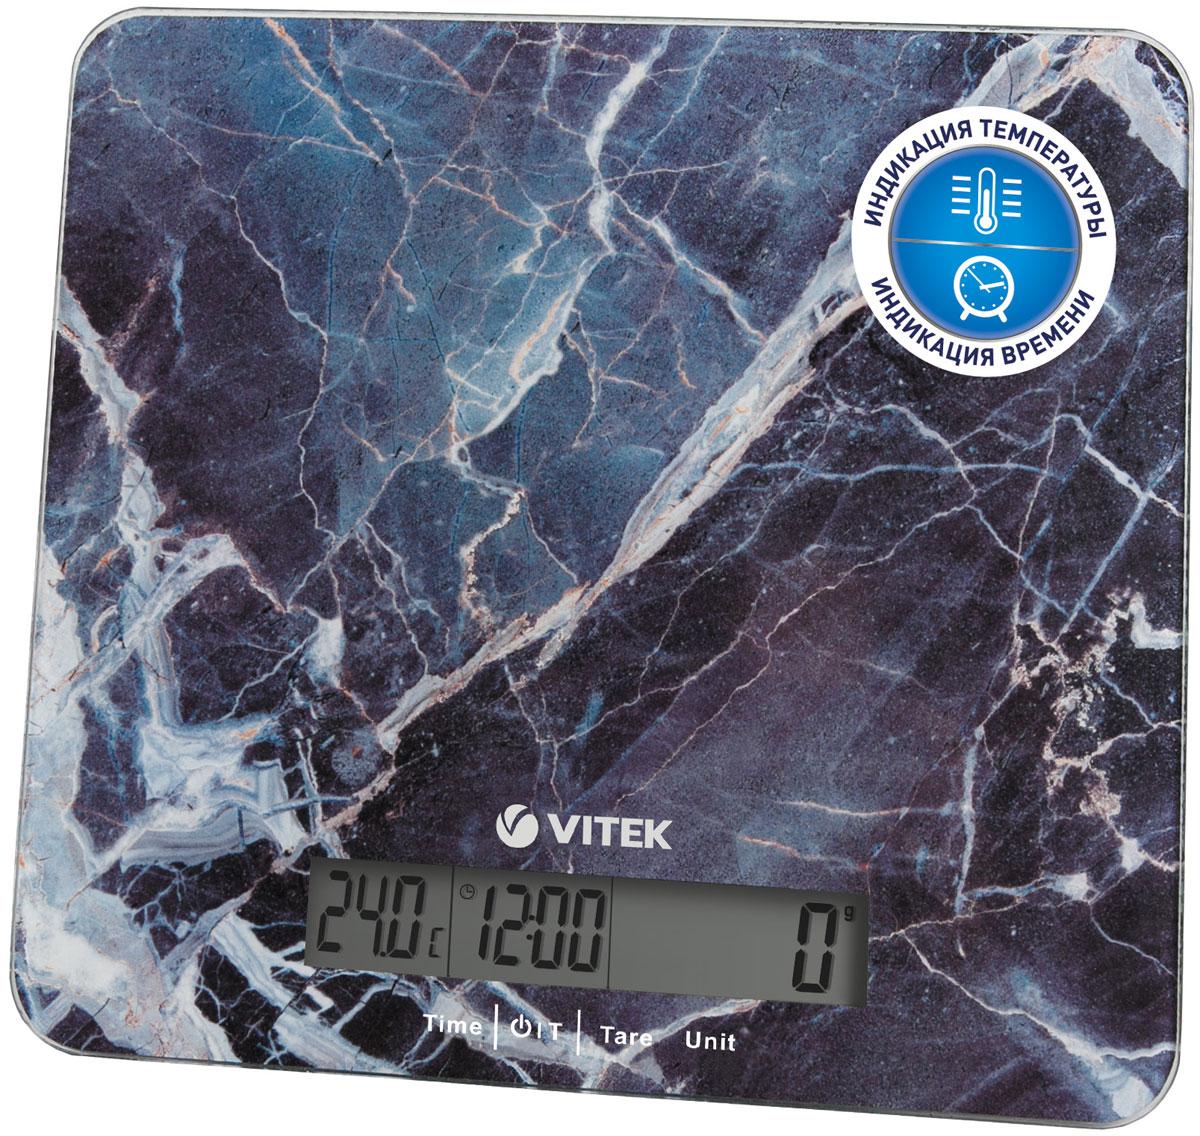 Vitek VT-8022 BK кухонные весыVT-8022(BK)Кухонные электронные весы Vitek VT-8022 BK - незаменимые помощники современной хозяйки. Они помогут точно взвесить любые продукты и ингредиенты. Кроме того, позволят людям, соблюдающим диету, контролировать количество съедаемой пищи и размеры порций. Предназначены для взвешивания продуктов с точностью измерения до 1 грамма.